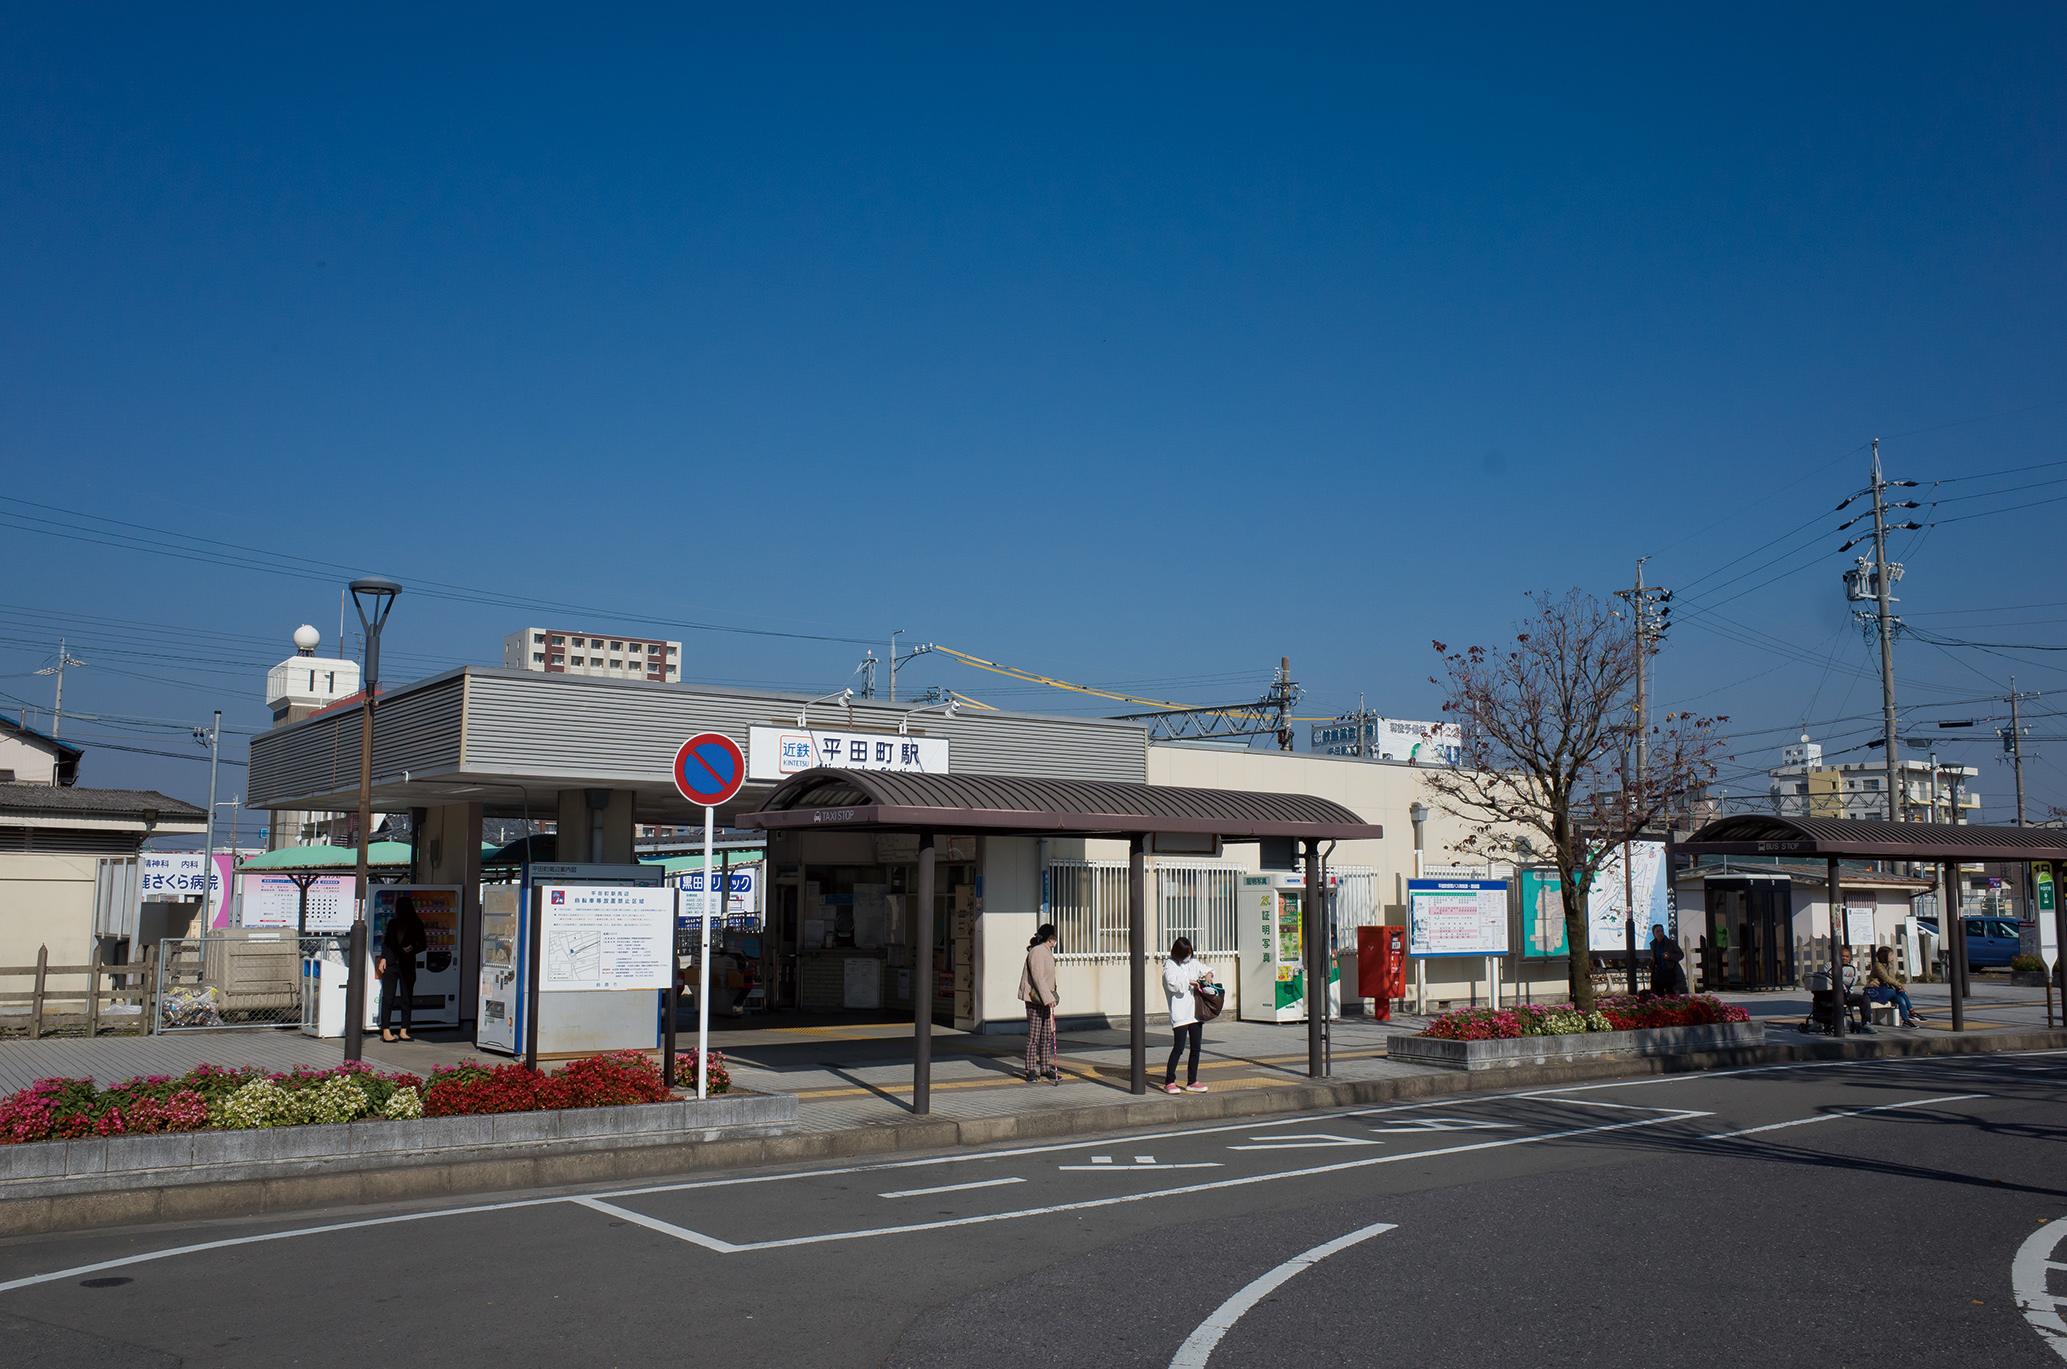 近鉄鈴鹿線「平田町」駅 徒歩約12分(970m)